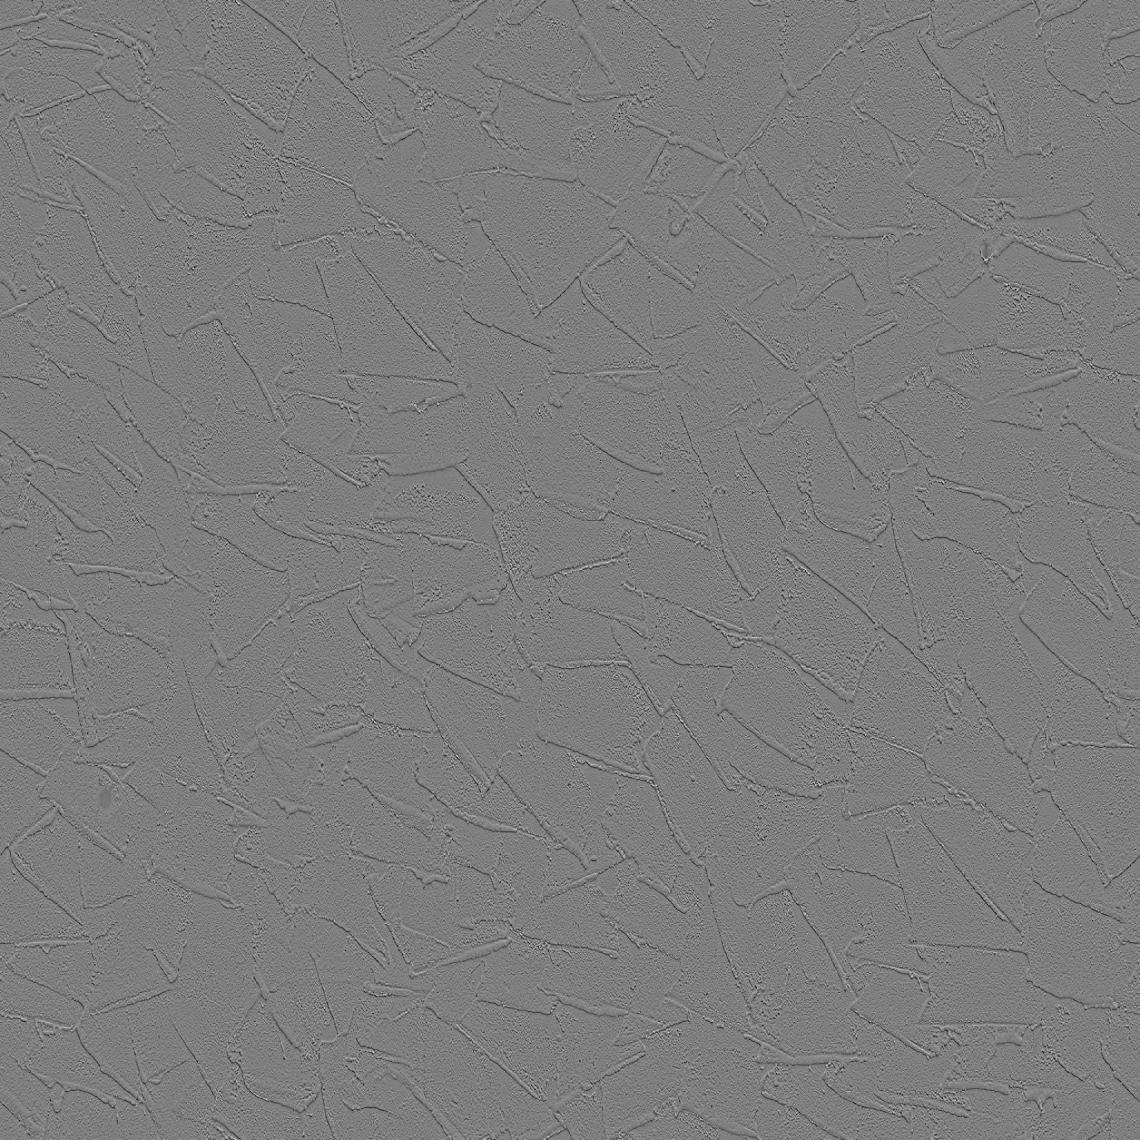 Concrete-Lumpy-01-Curvature